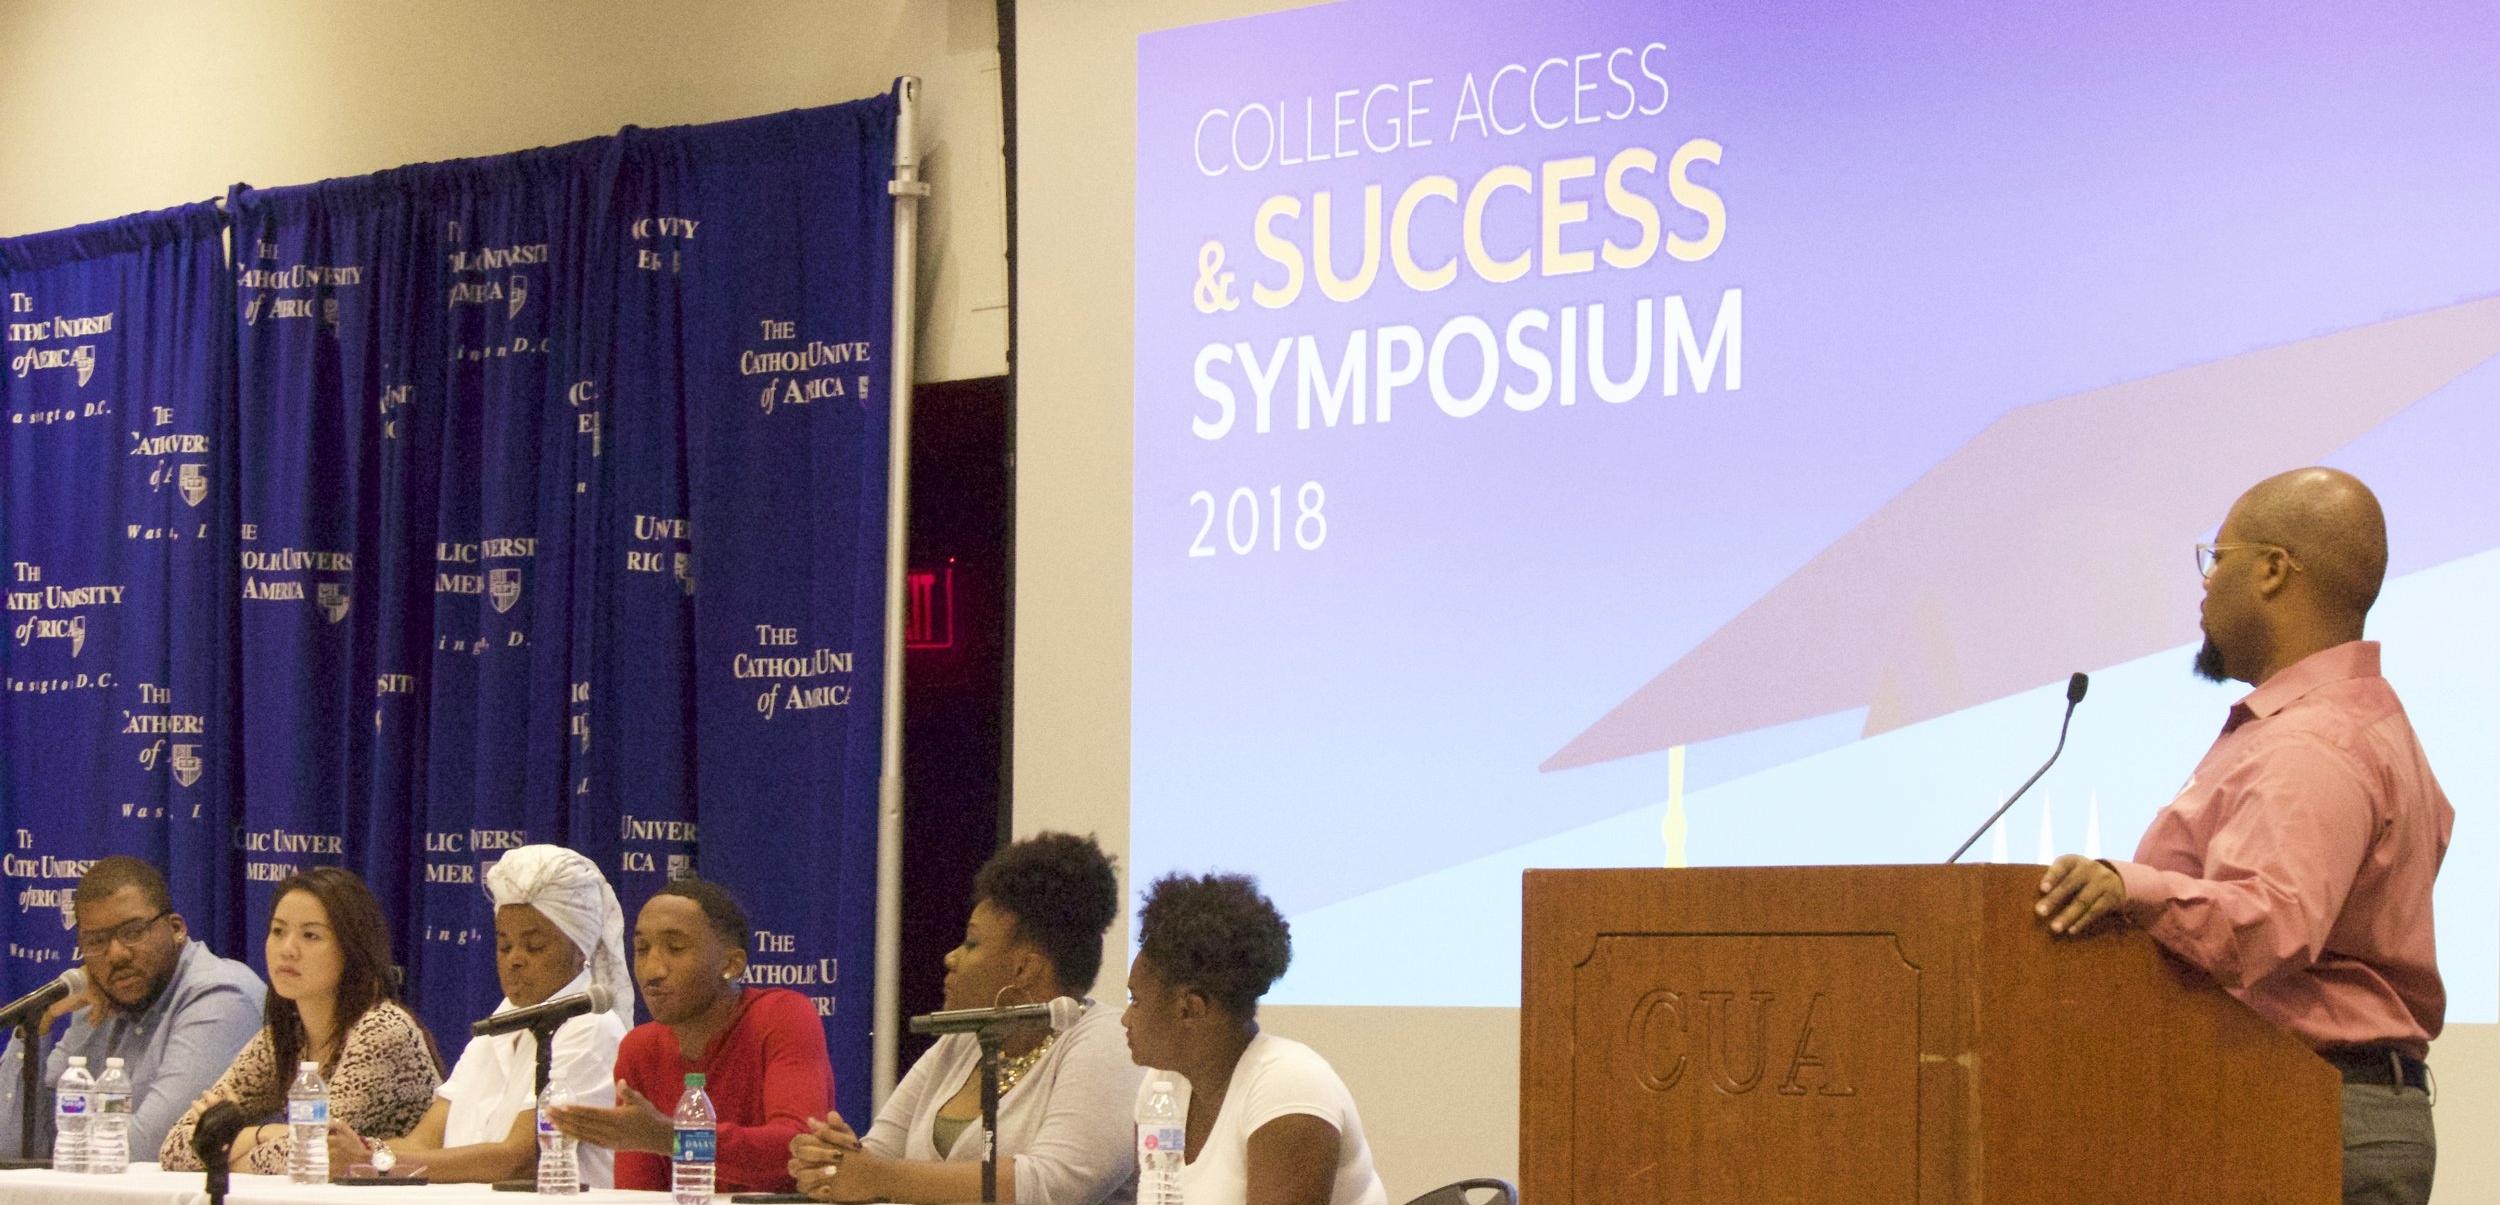 College Access & Success Symposium